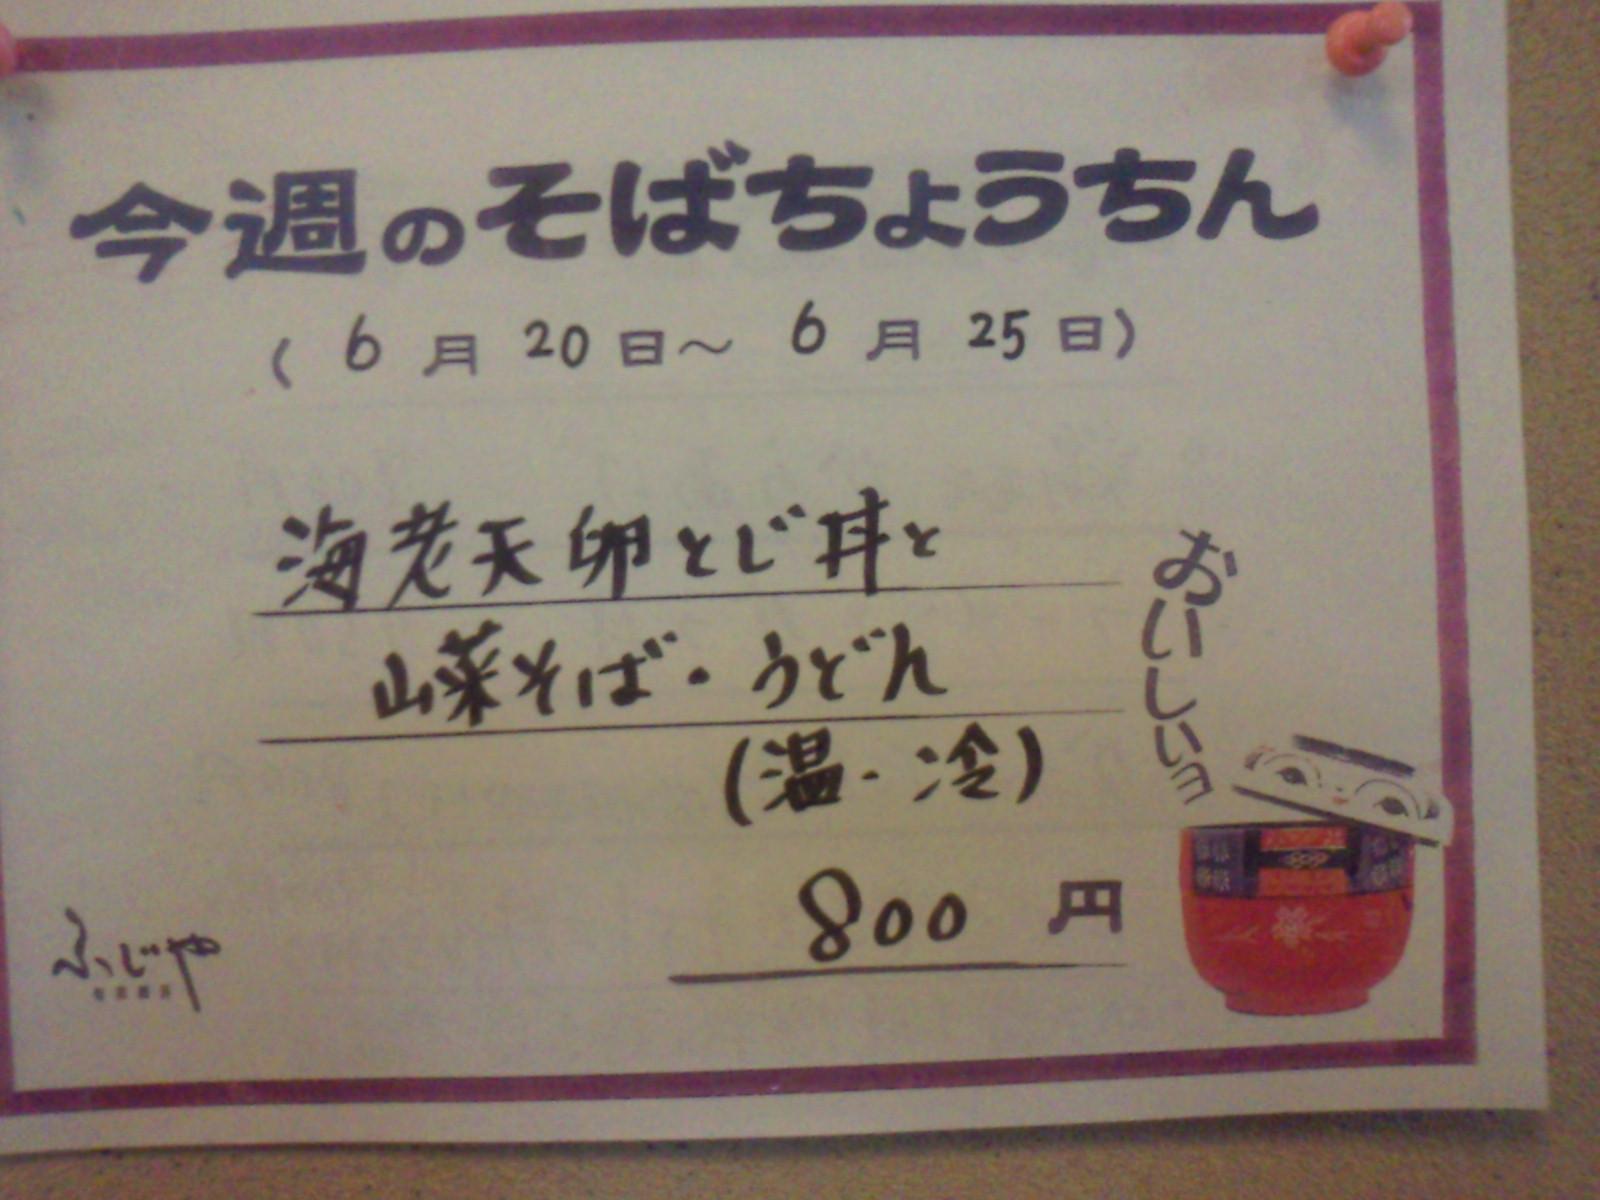 旬菜麺房 ふじや